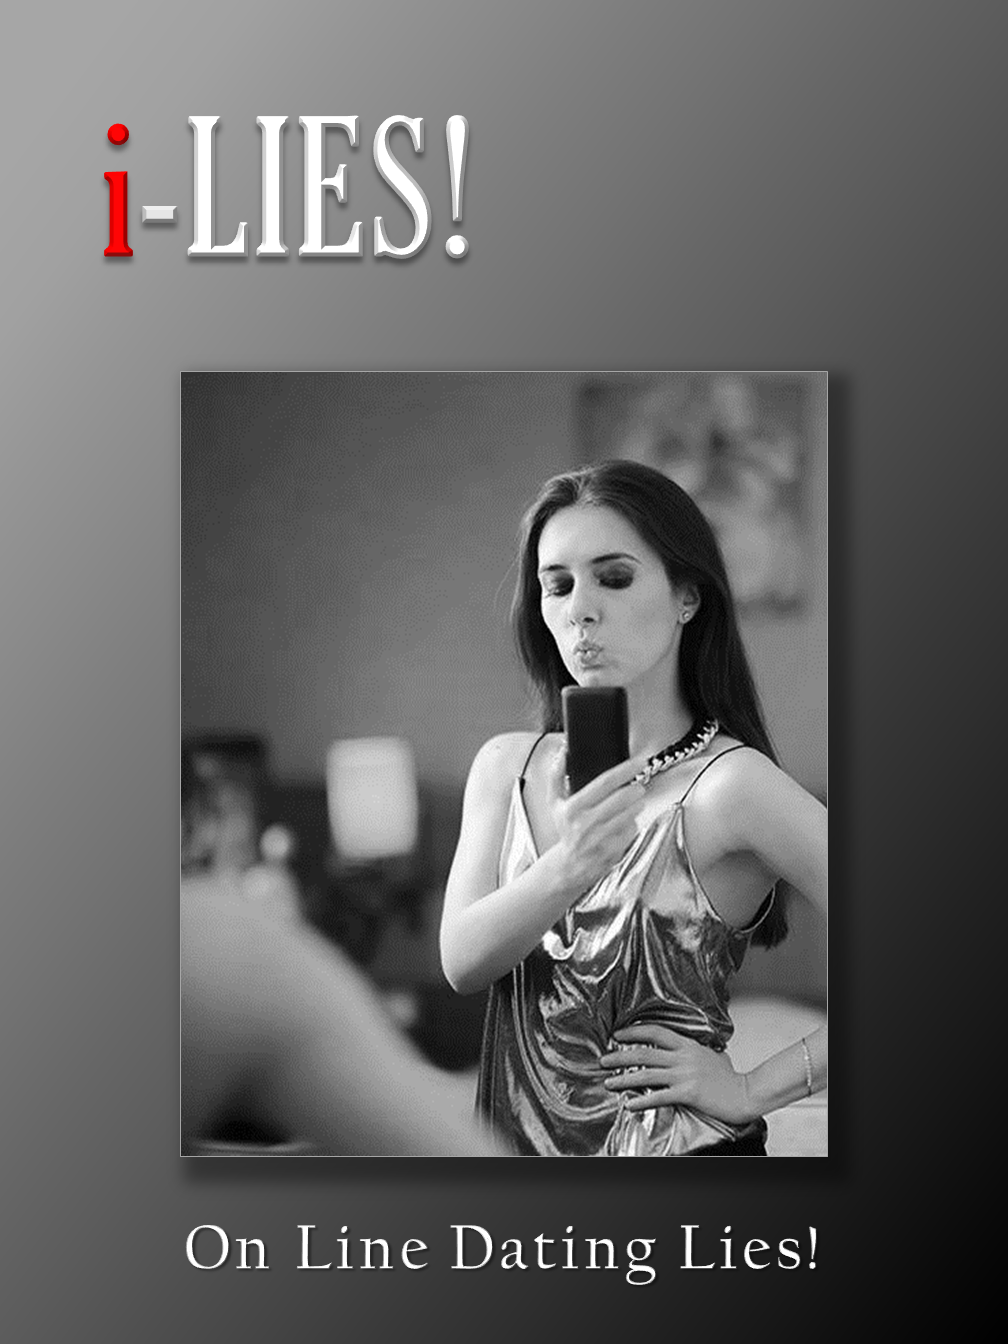 i-Lies